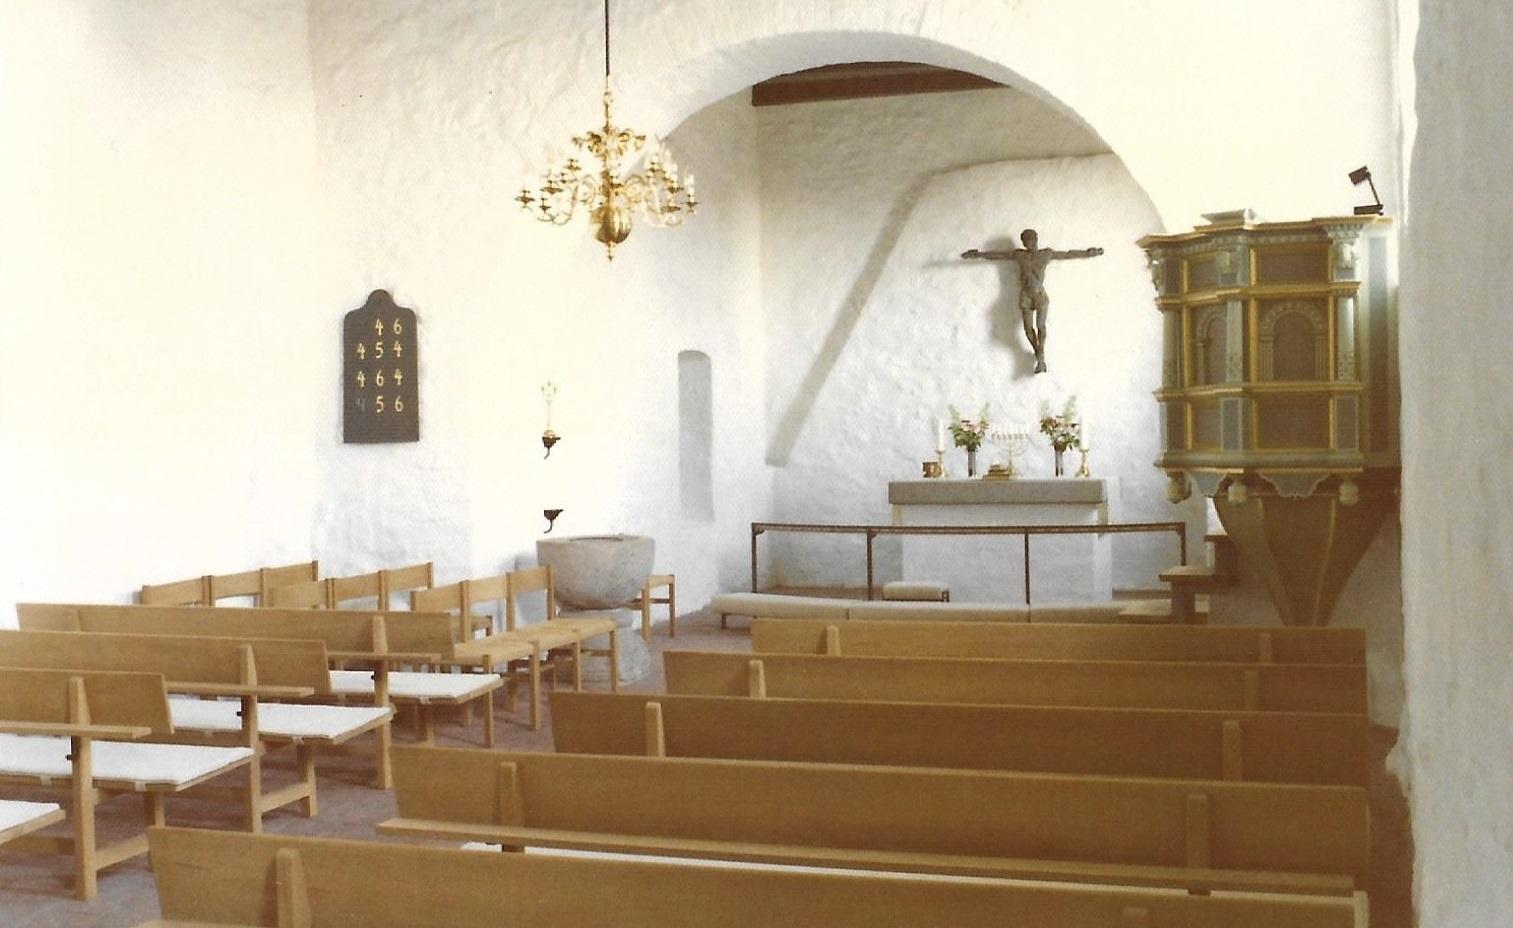 På dette billede af Vind Kirkes indre ses tydeligt egetræsbænkene, der i sin tid blev erhvervet for penge testamenteret af pastor Peter Blicher (1876-1958).